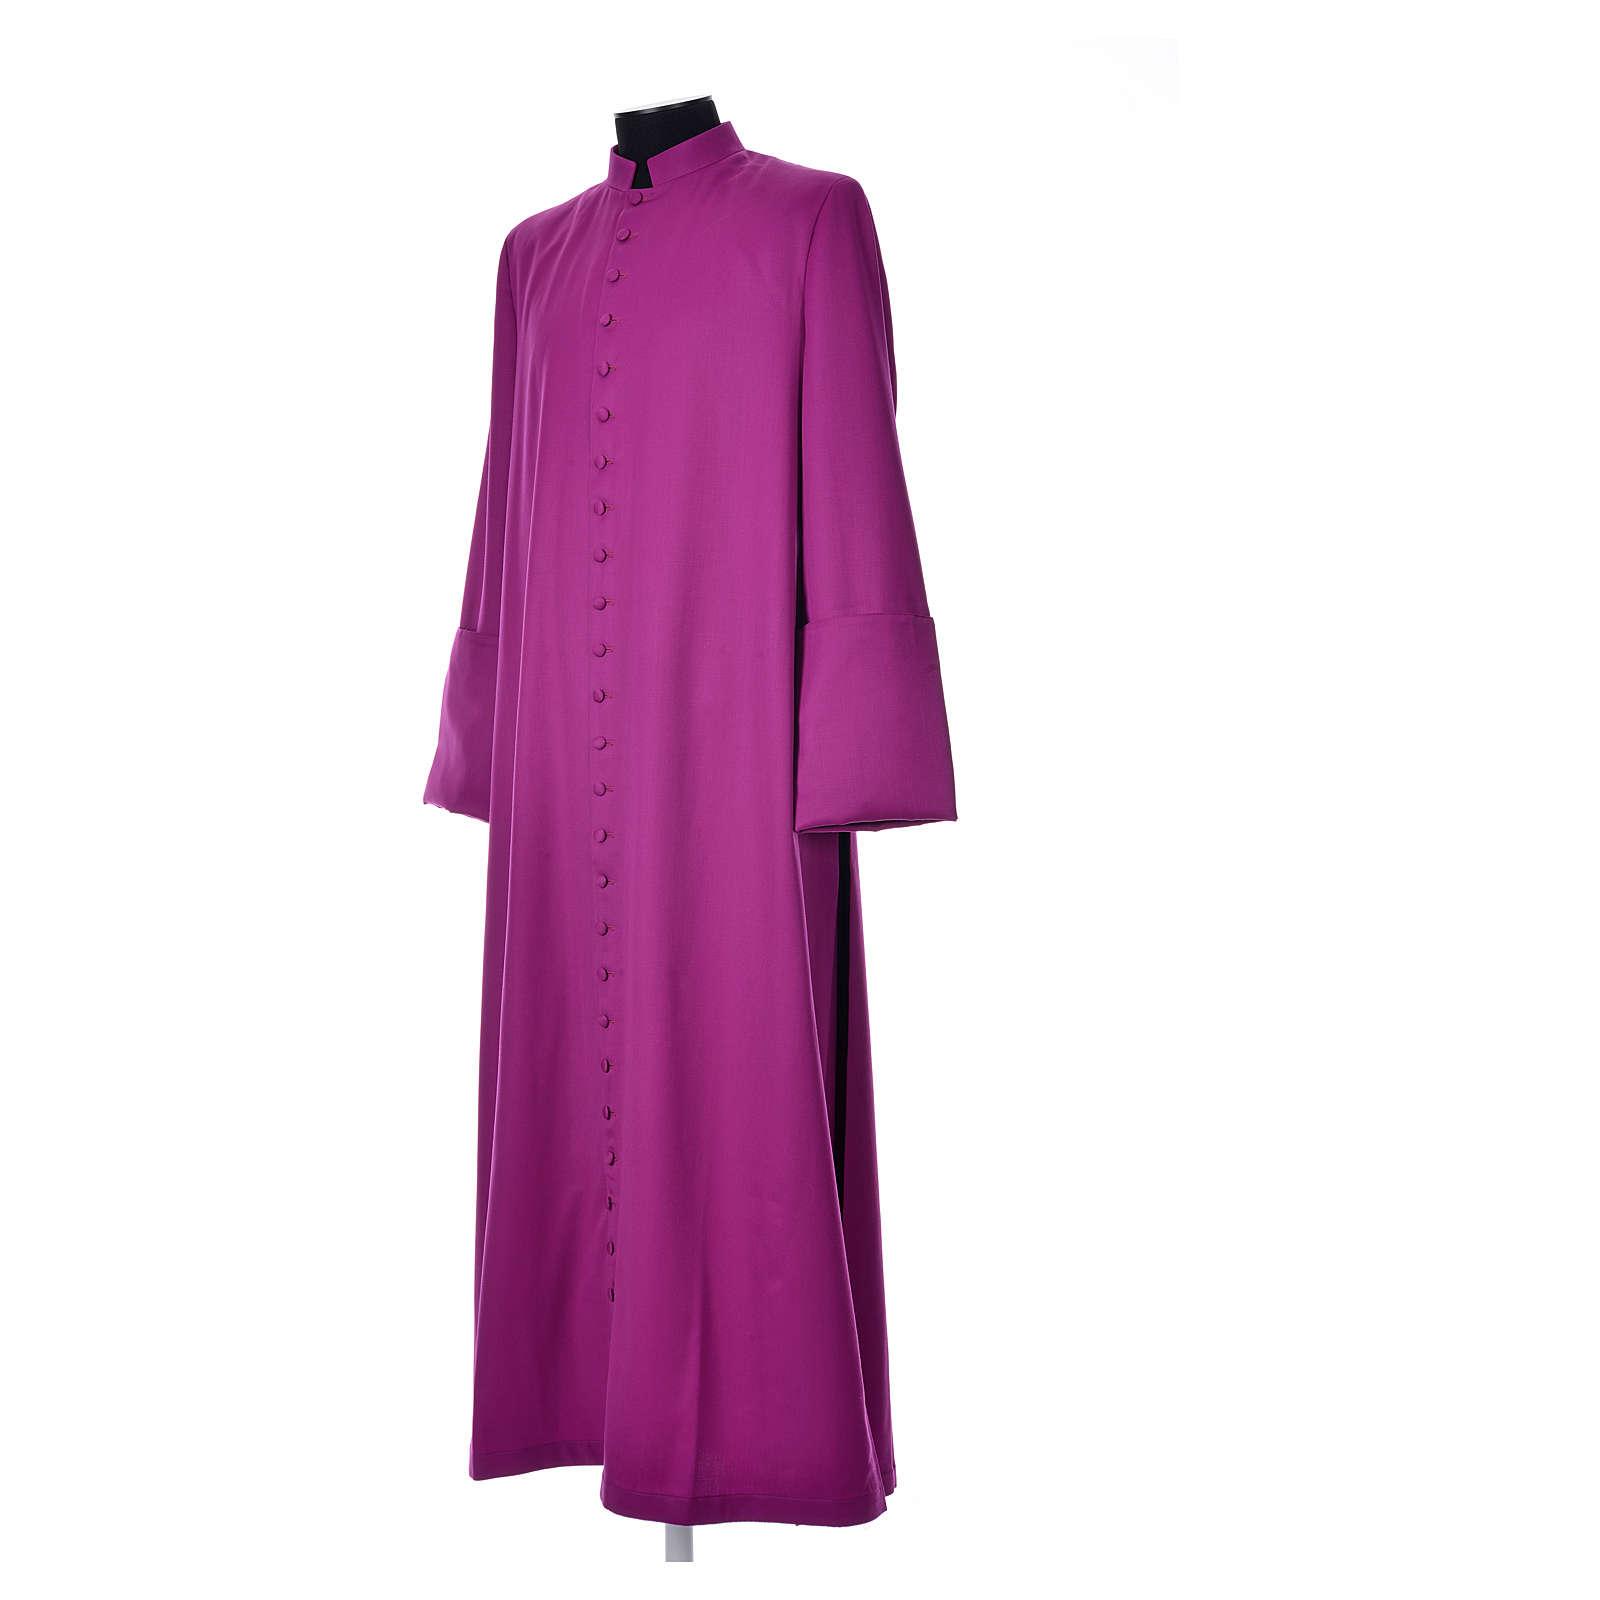 Talare in lana color paonazzo con bottoni ricoperti 4